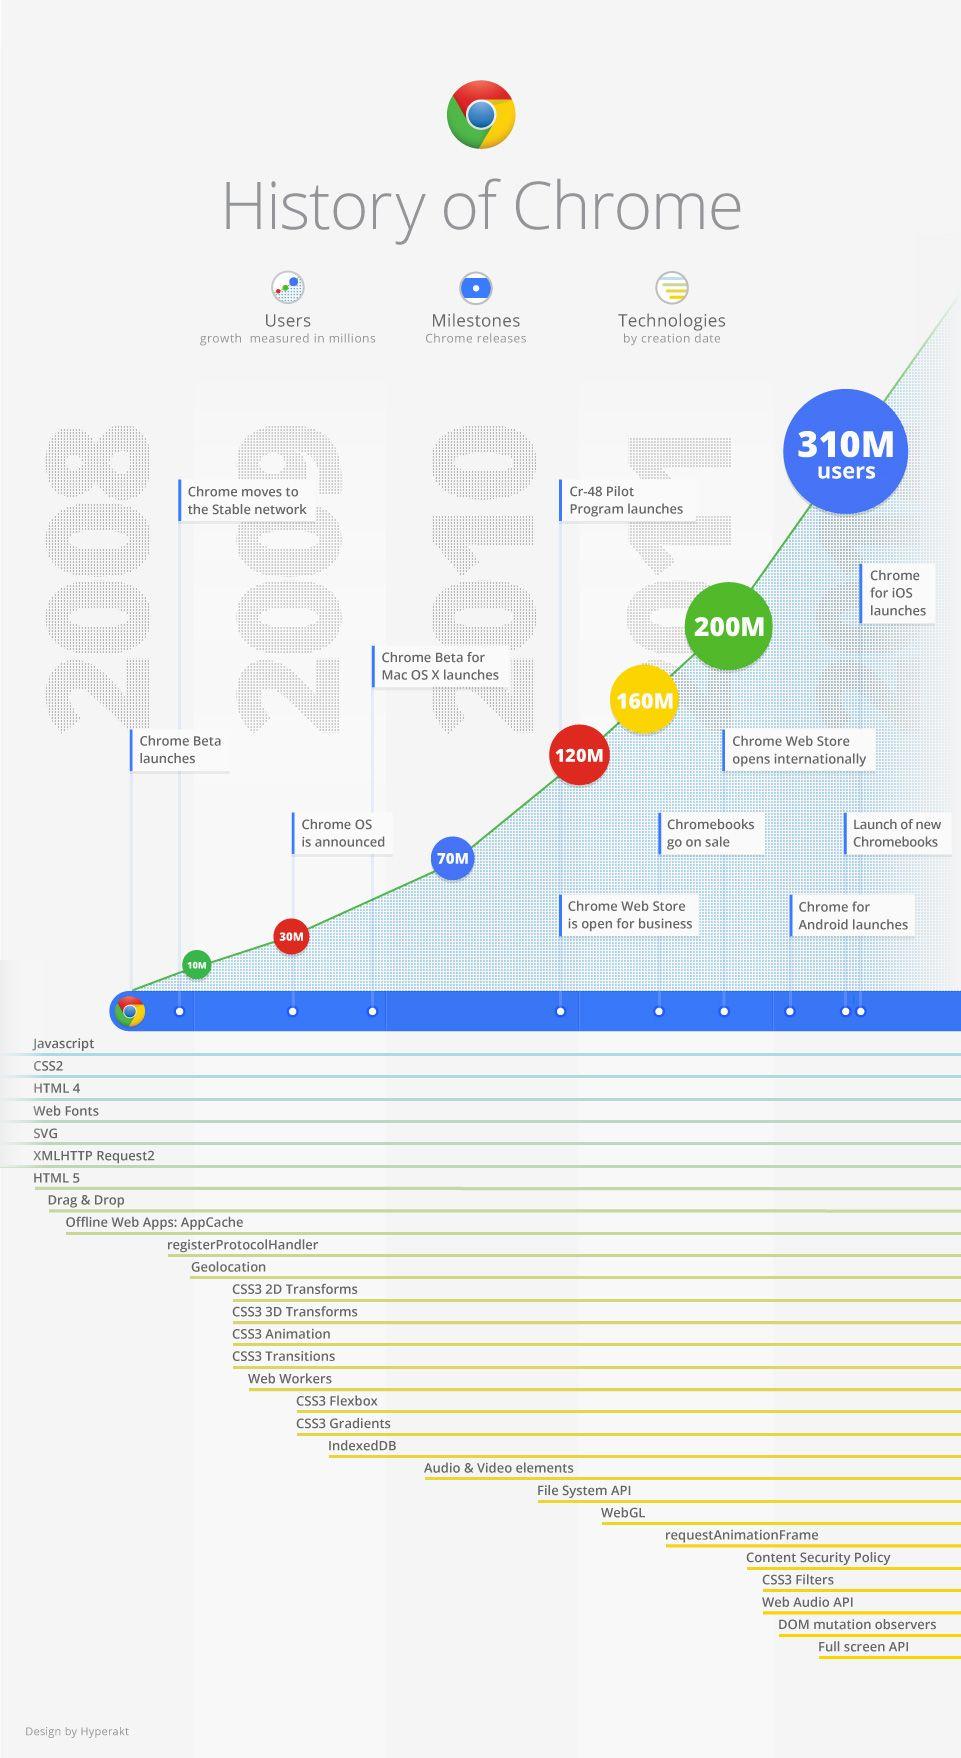 La historia del navegador Google Chrome #Infografia | My